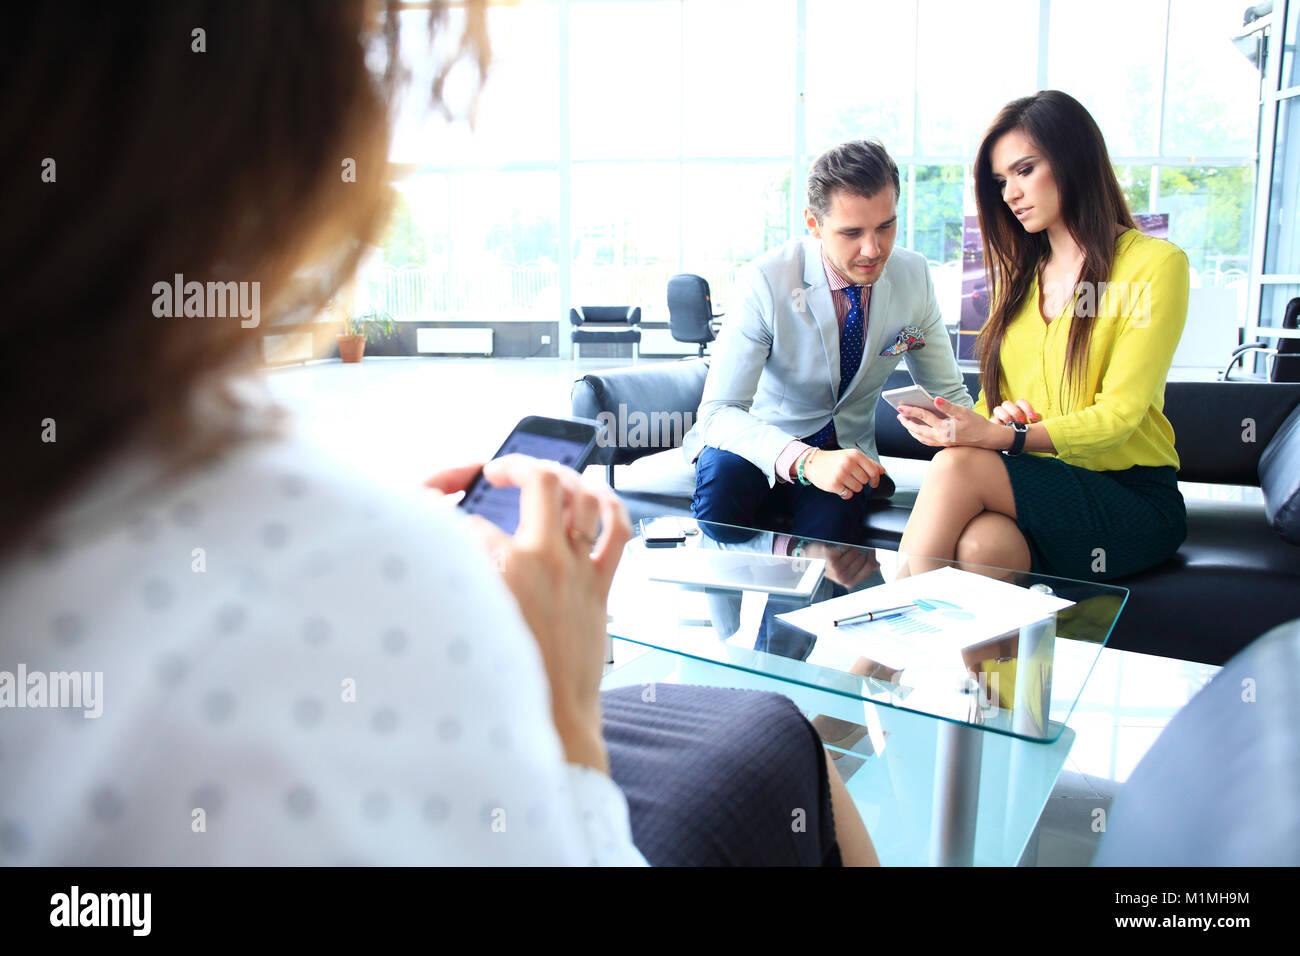 La gente de negocios. Reunión de la Conferencia debate Concepto Corporativo. Imagen De Stock